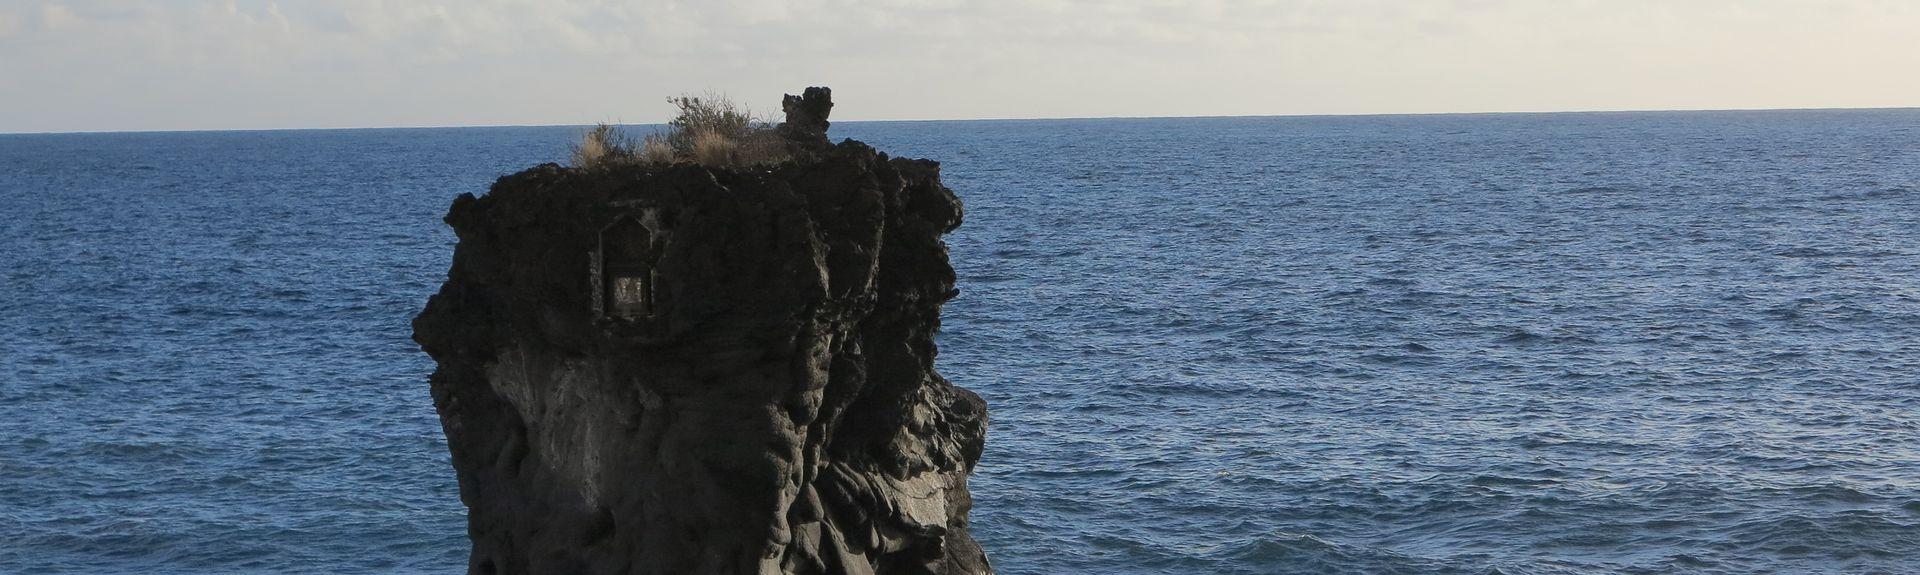 Puerto de Tazacorte, Tazacorte, Canary Islands, Spain